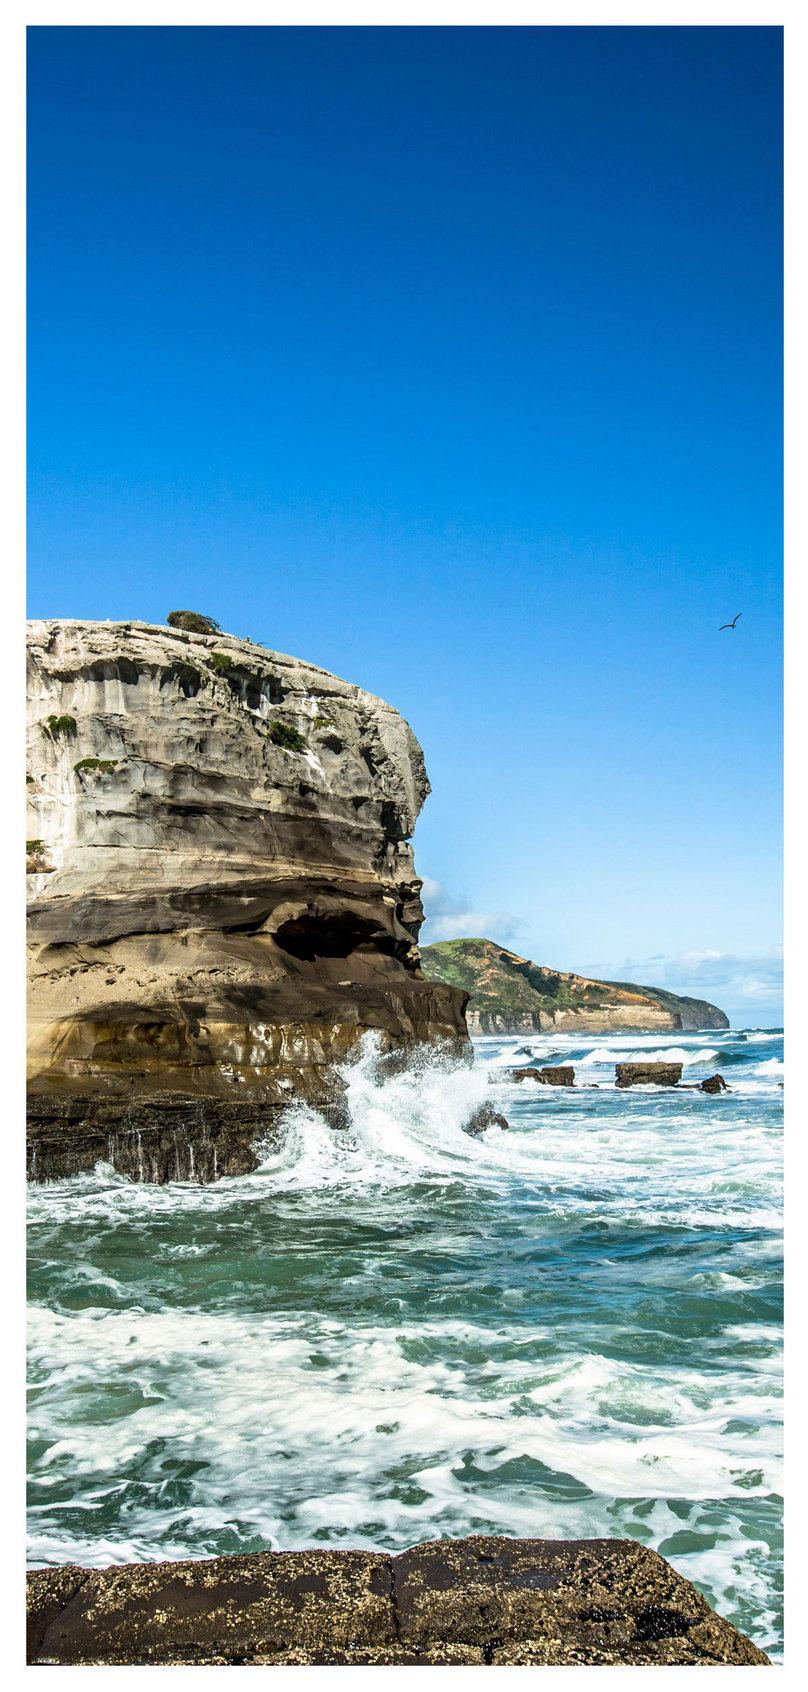 海の礁の携帯電話の壁紙イメージ 背景 Id 400471274 Prf画像